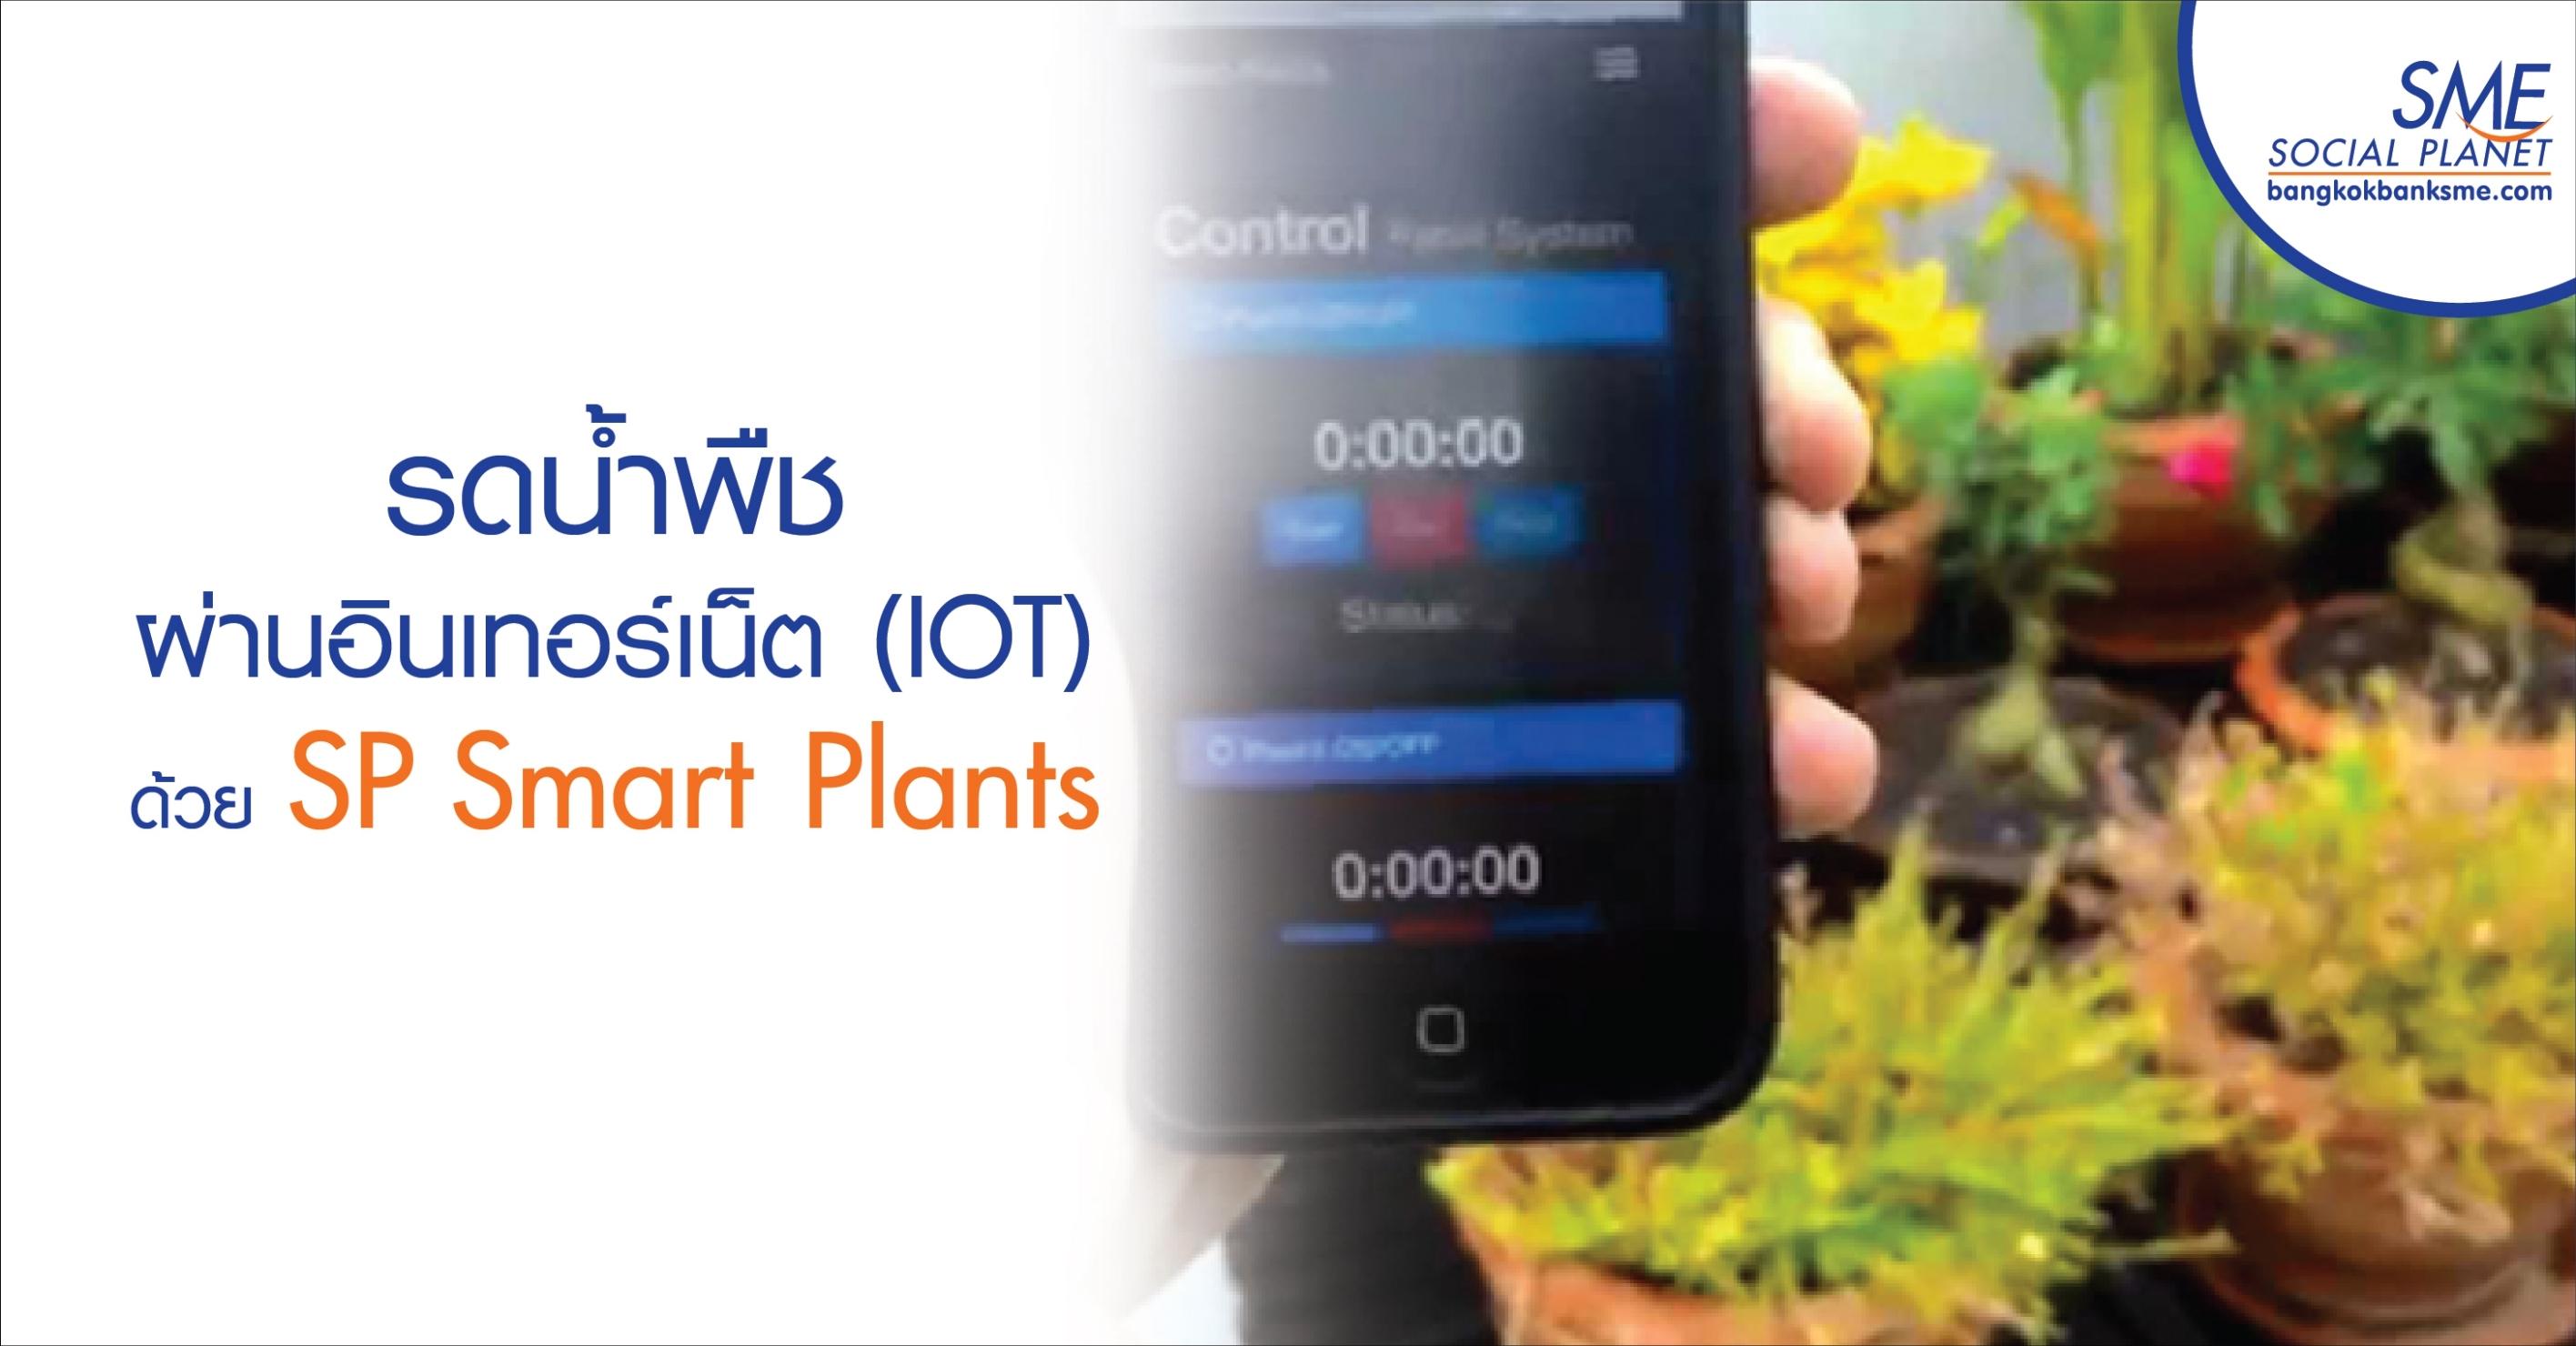 รดน้ำพืชผ่านอินเทอร์เน็ต (IOT) ด้วย SP Smart Plants